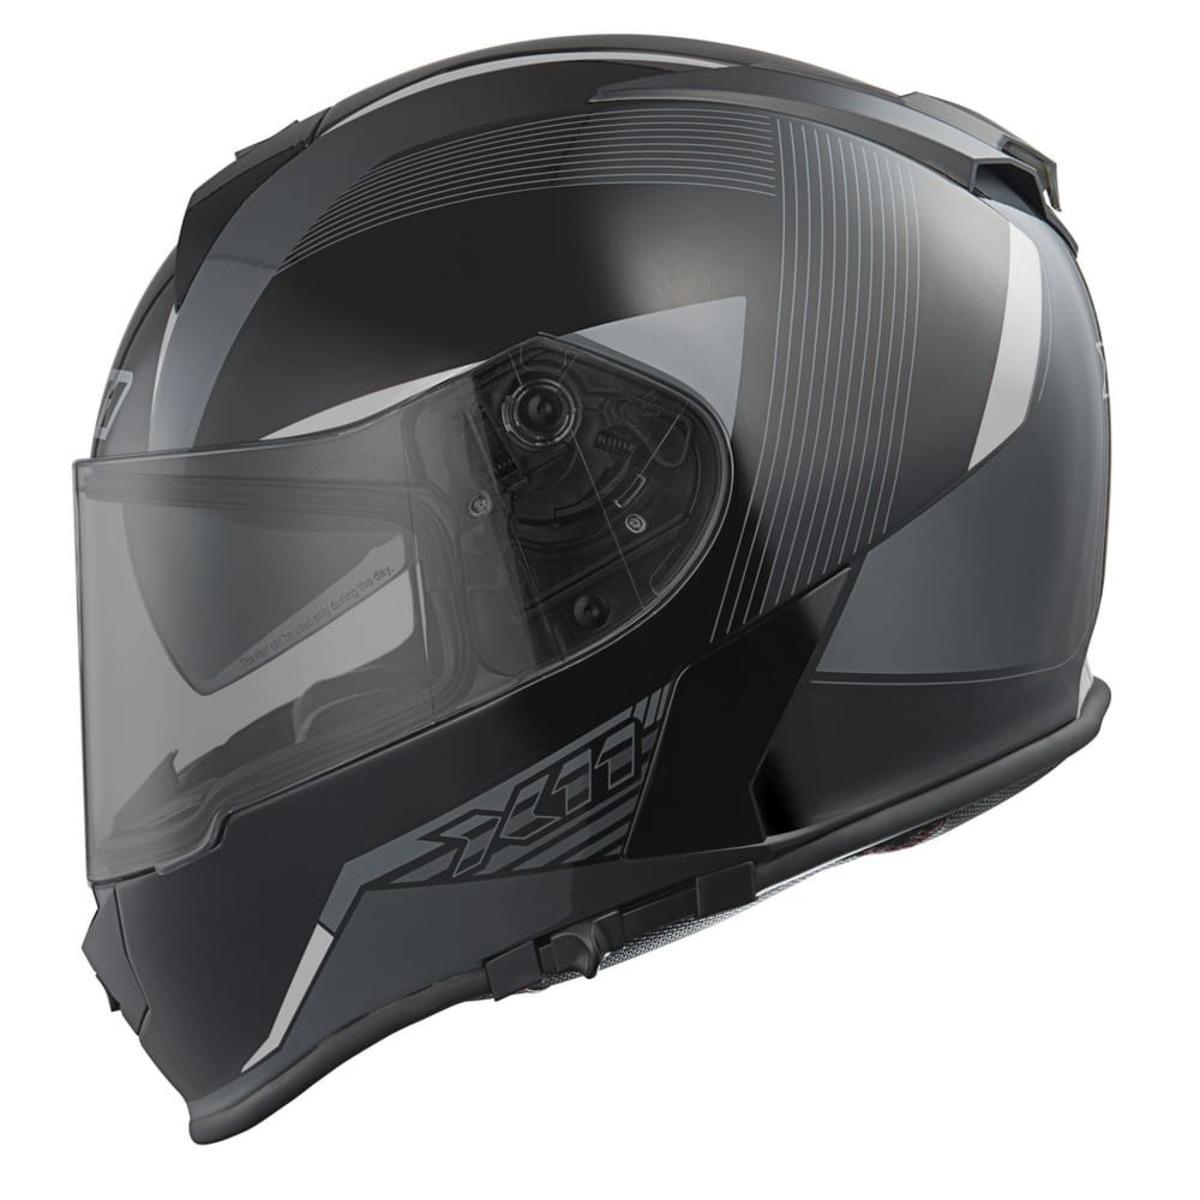 Capacete X11 Revo SV Integral Moto Motociclista Cinza